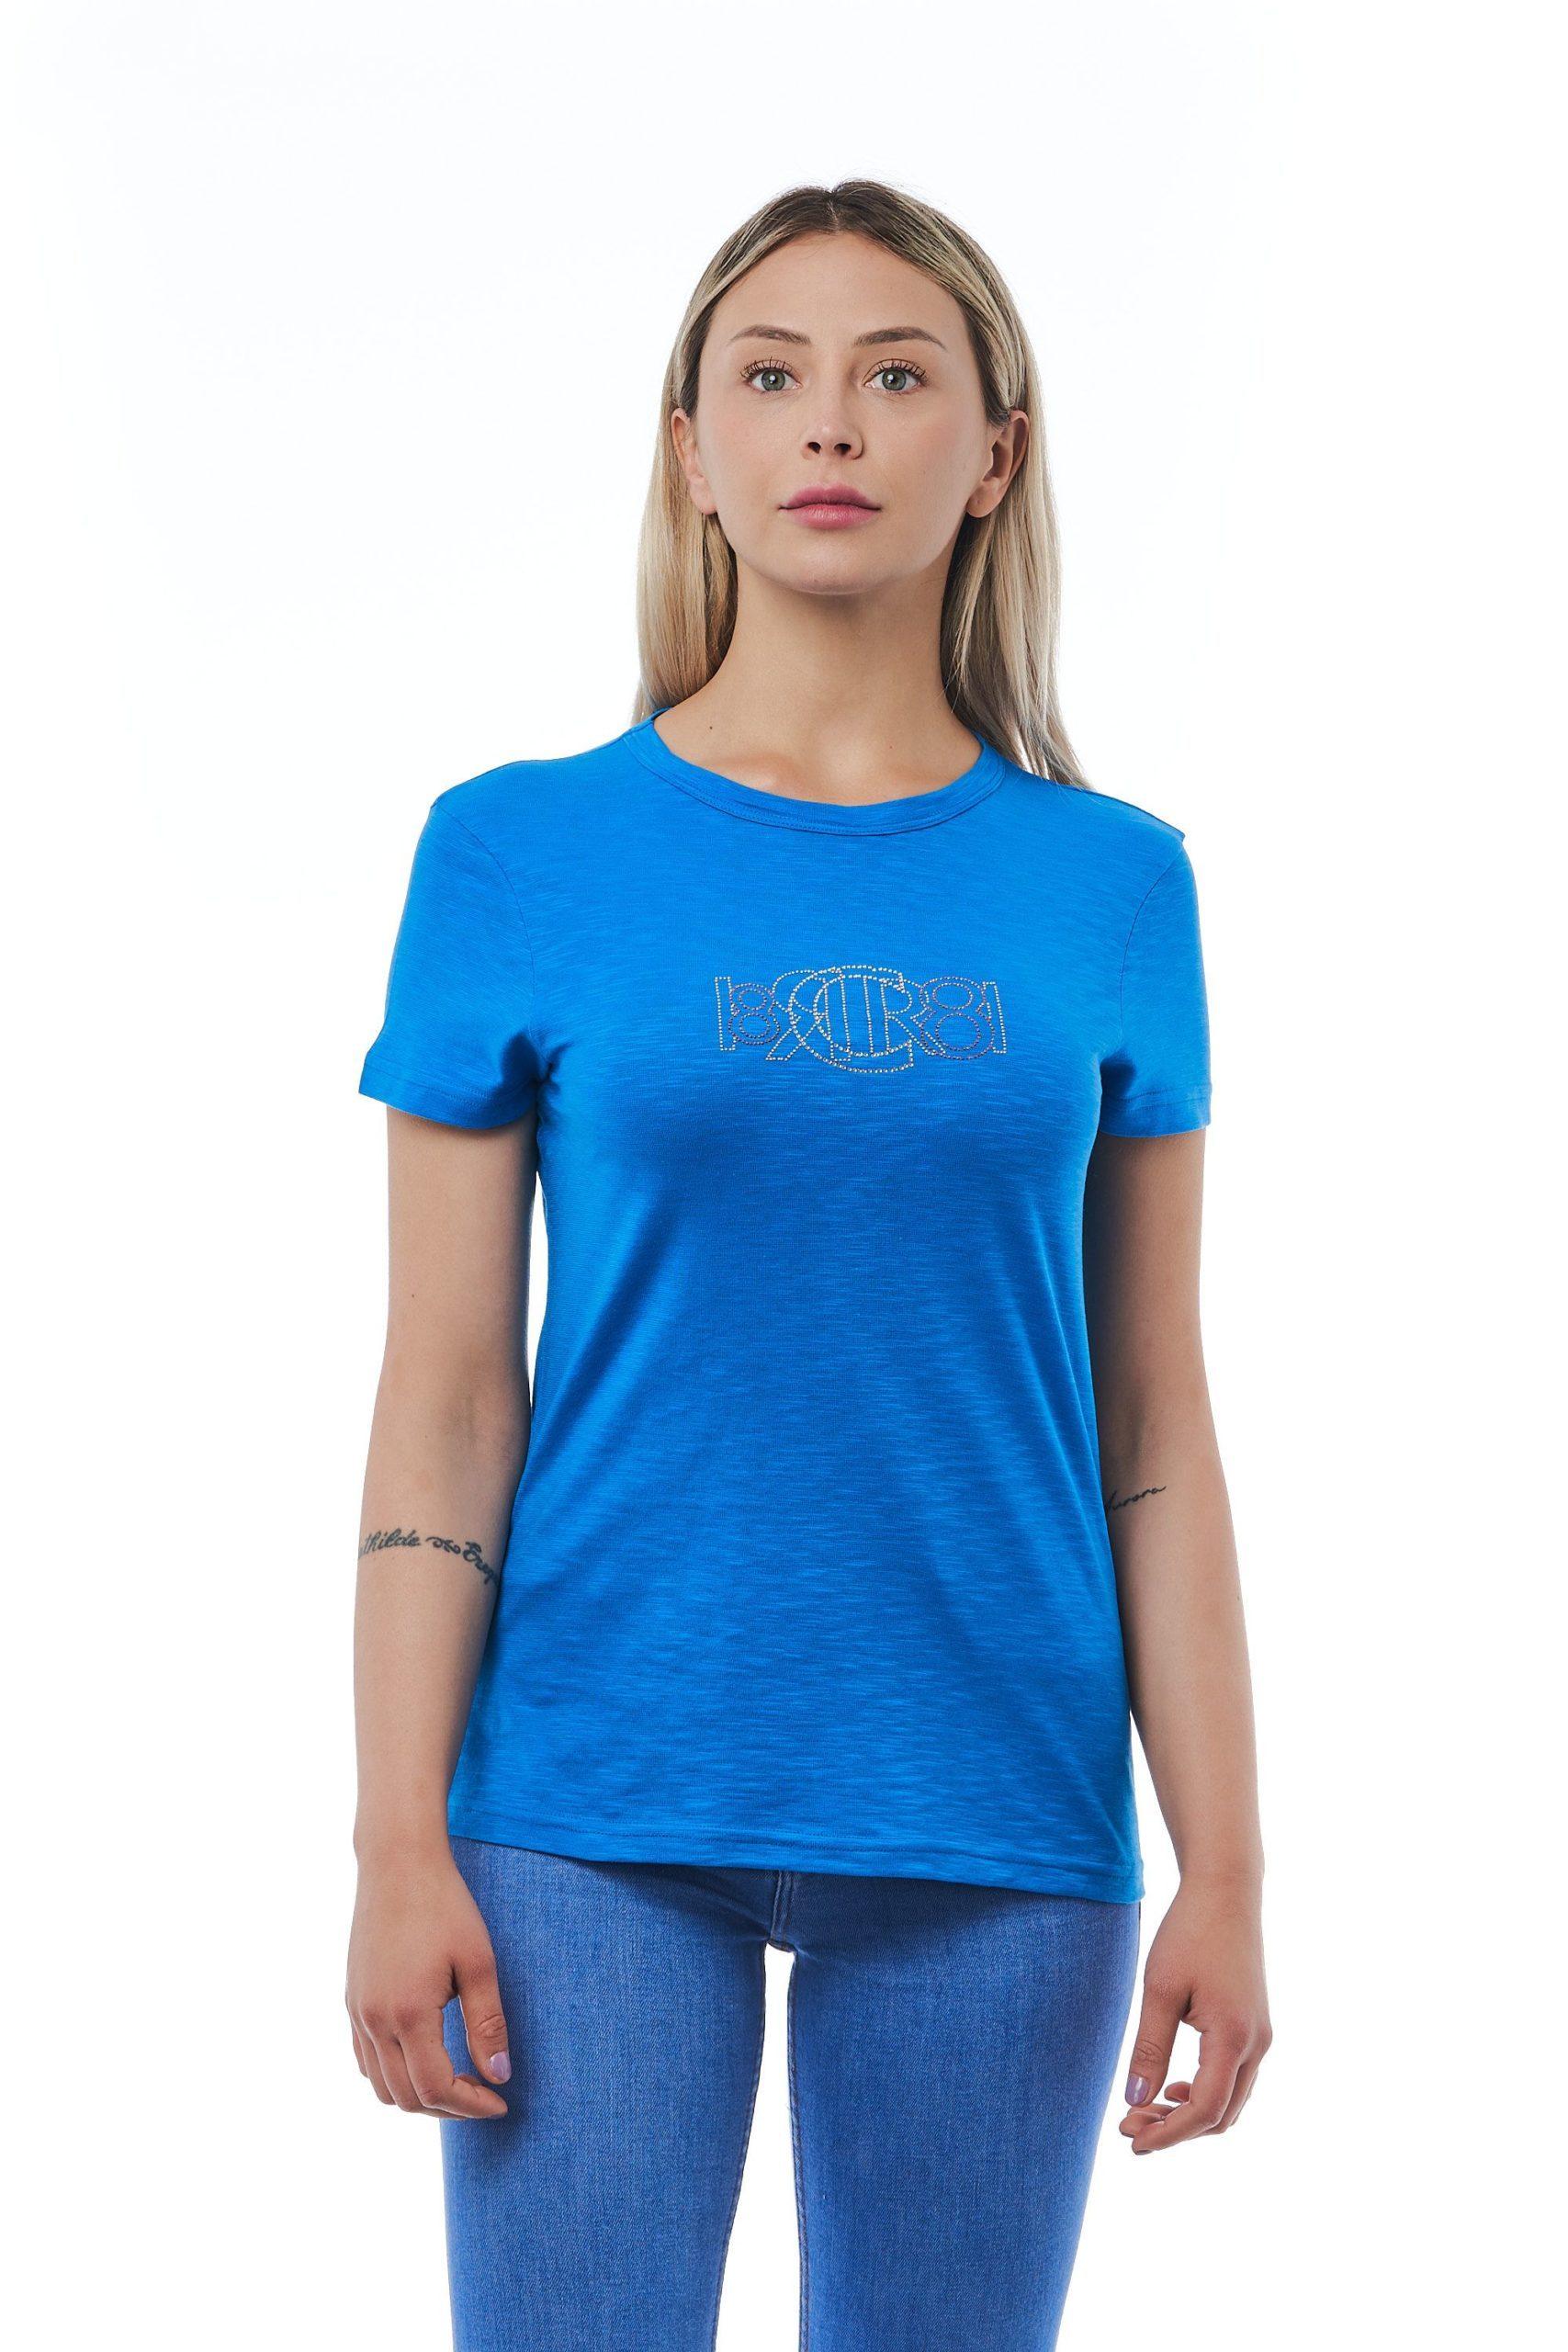 Cerruti 1881 Women's Blutte T-Shirt Light Blue CE1410181 - M